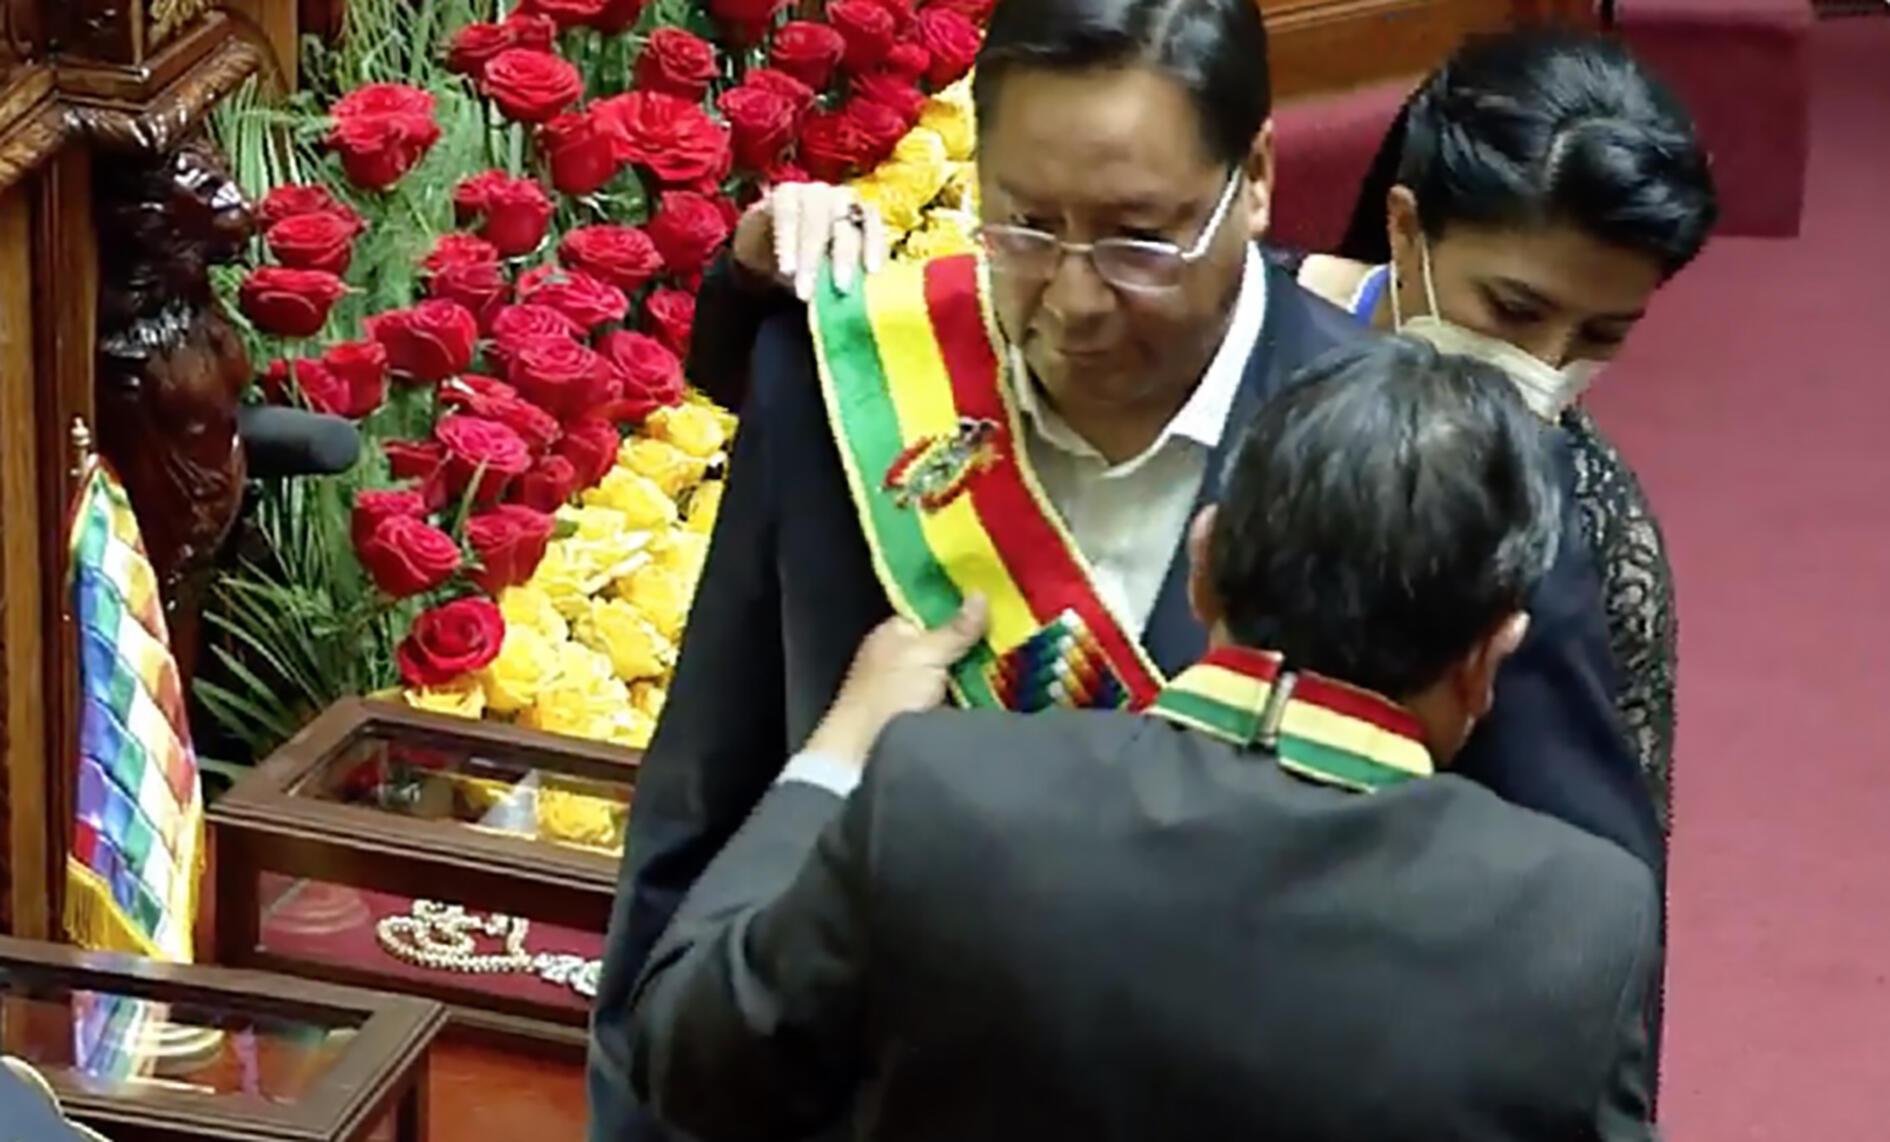 Foto difundida por la Agencia Boliviana de Información (ABI) que muestra al nuevo presidente de Bolivia, Luis Arce, juramentado por el vicepresidente David Choquehuanca en la Asamblea Legislativa Plurinacional, en La Paz, el 8 de noviembre de 2020.